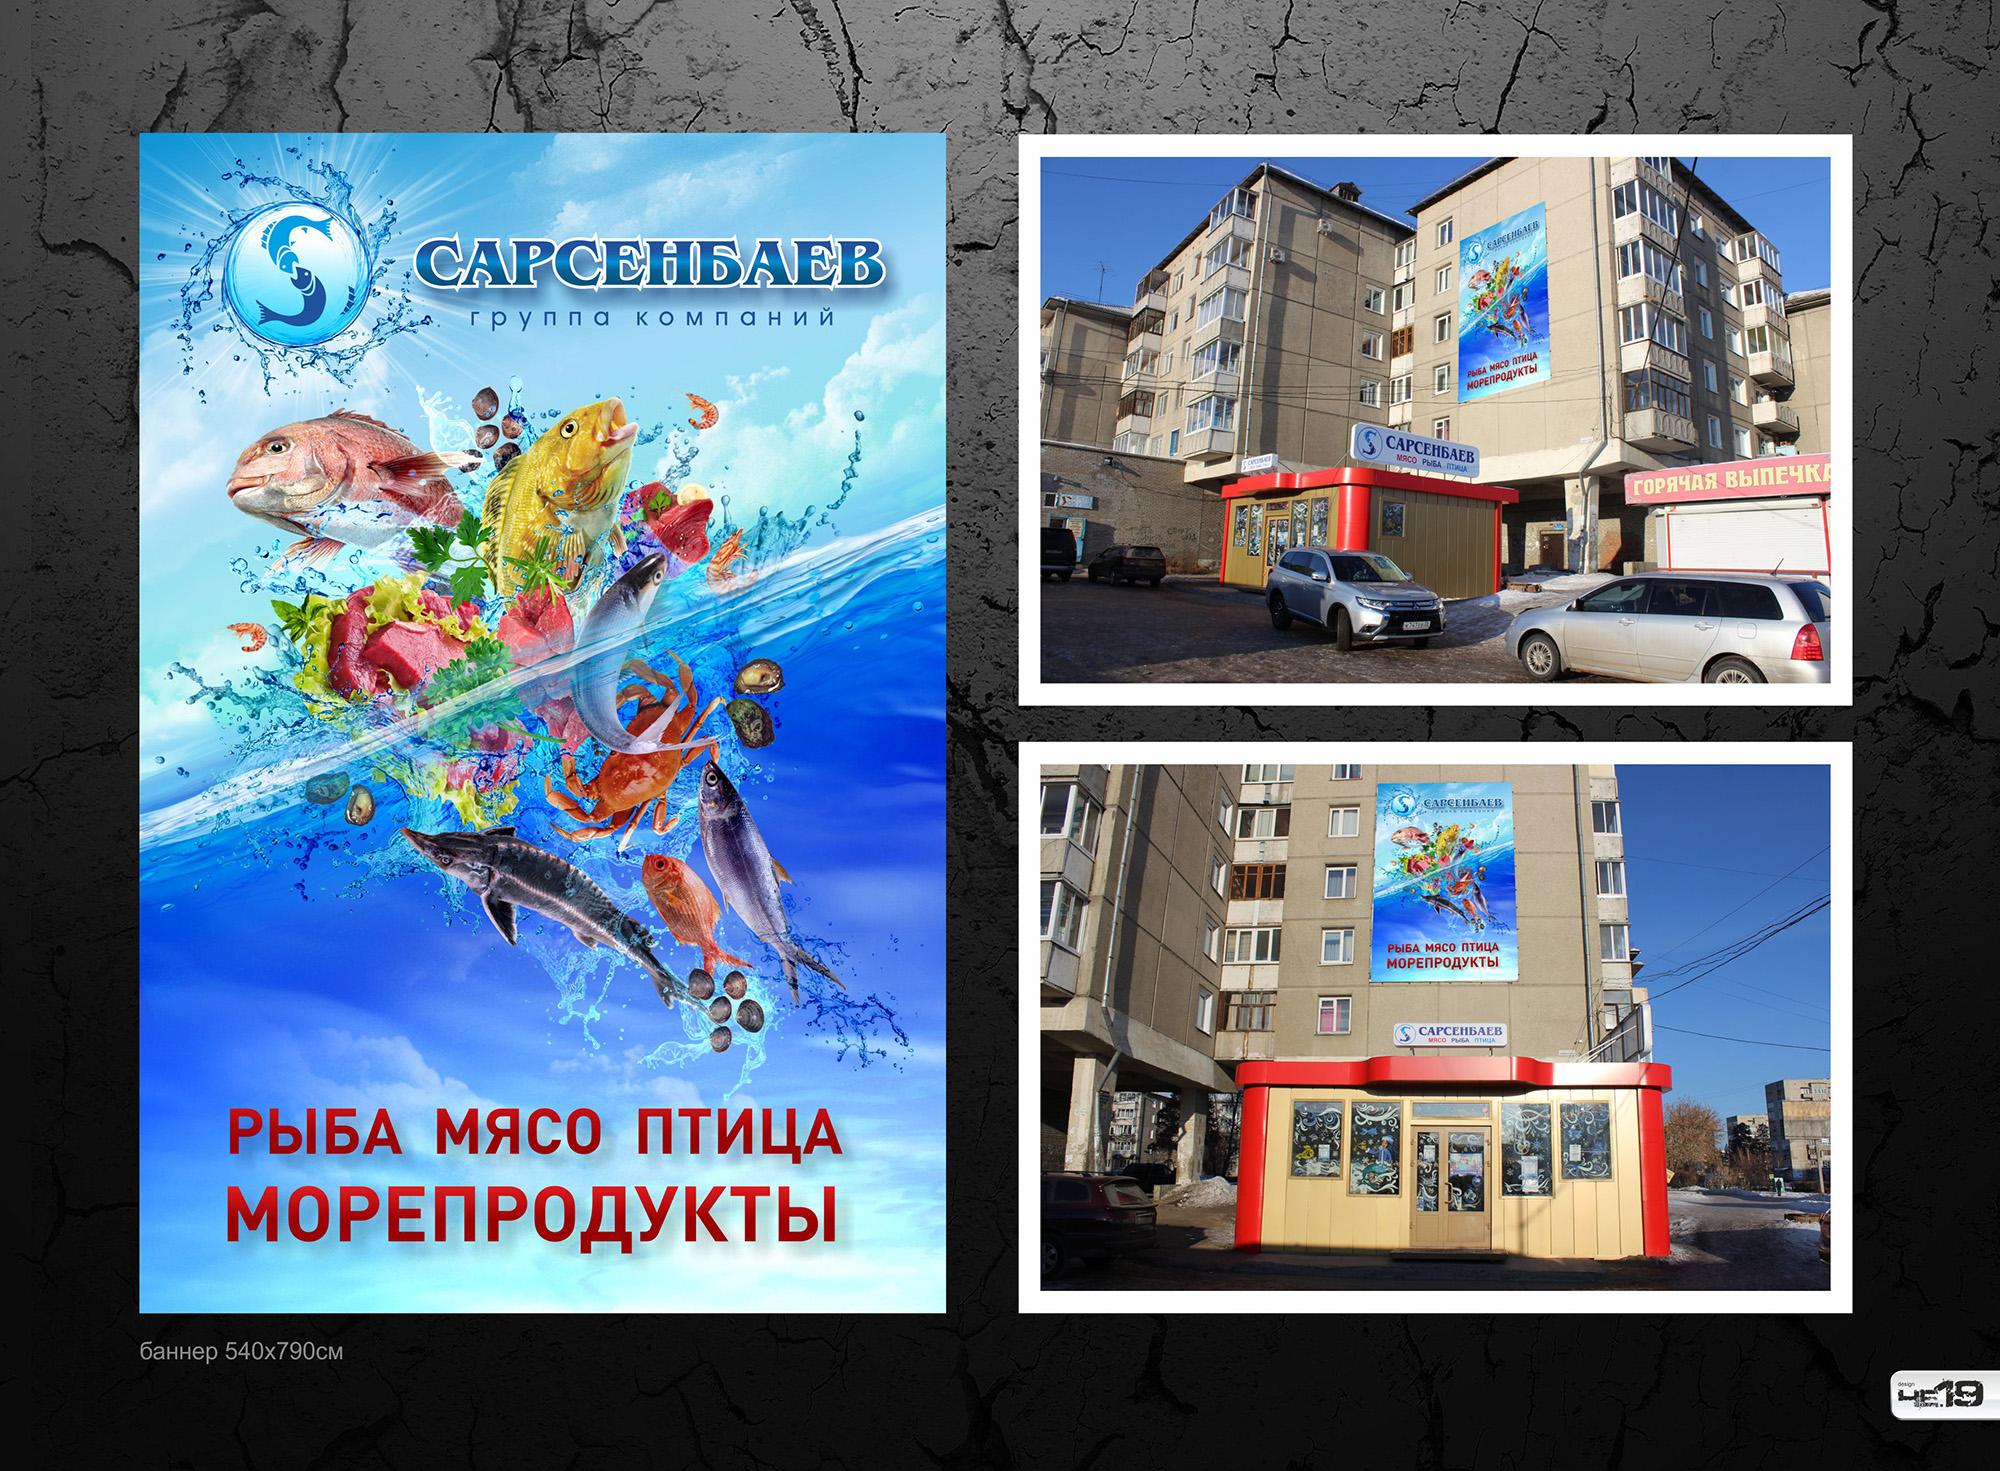 Баннер ООО Сарсенбаев 540х790 см